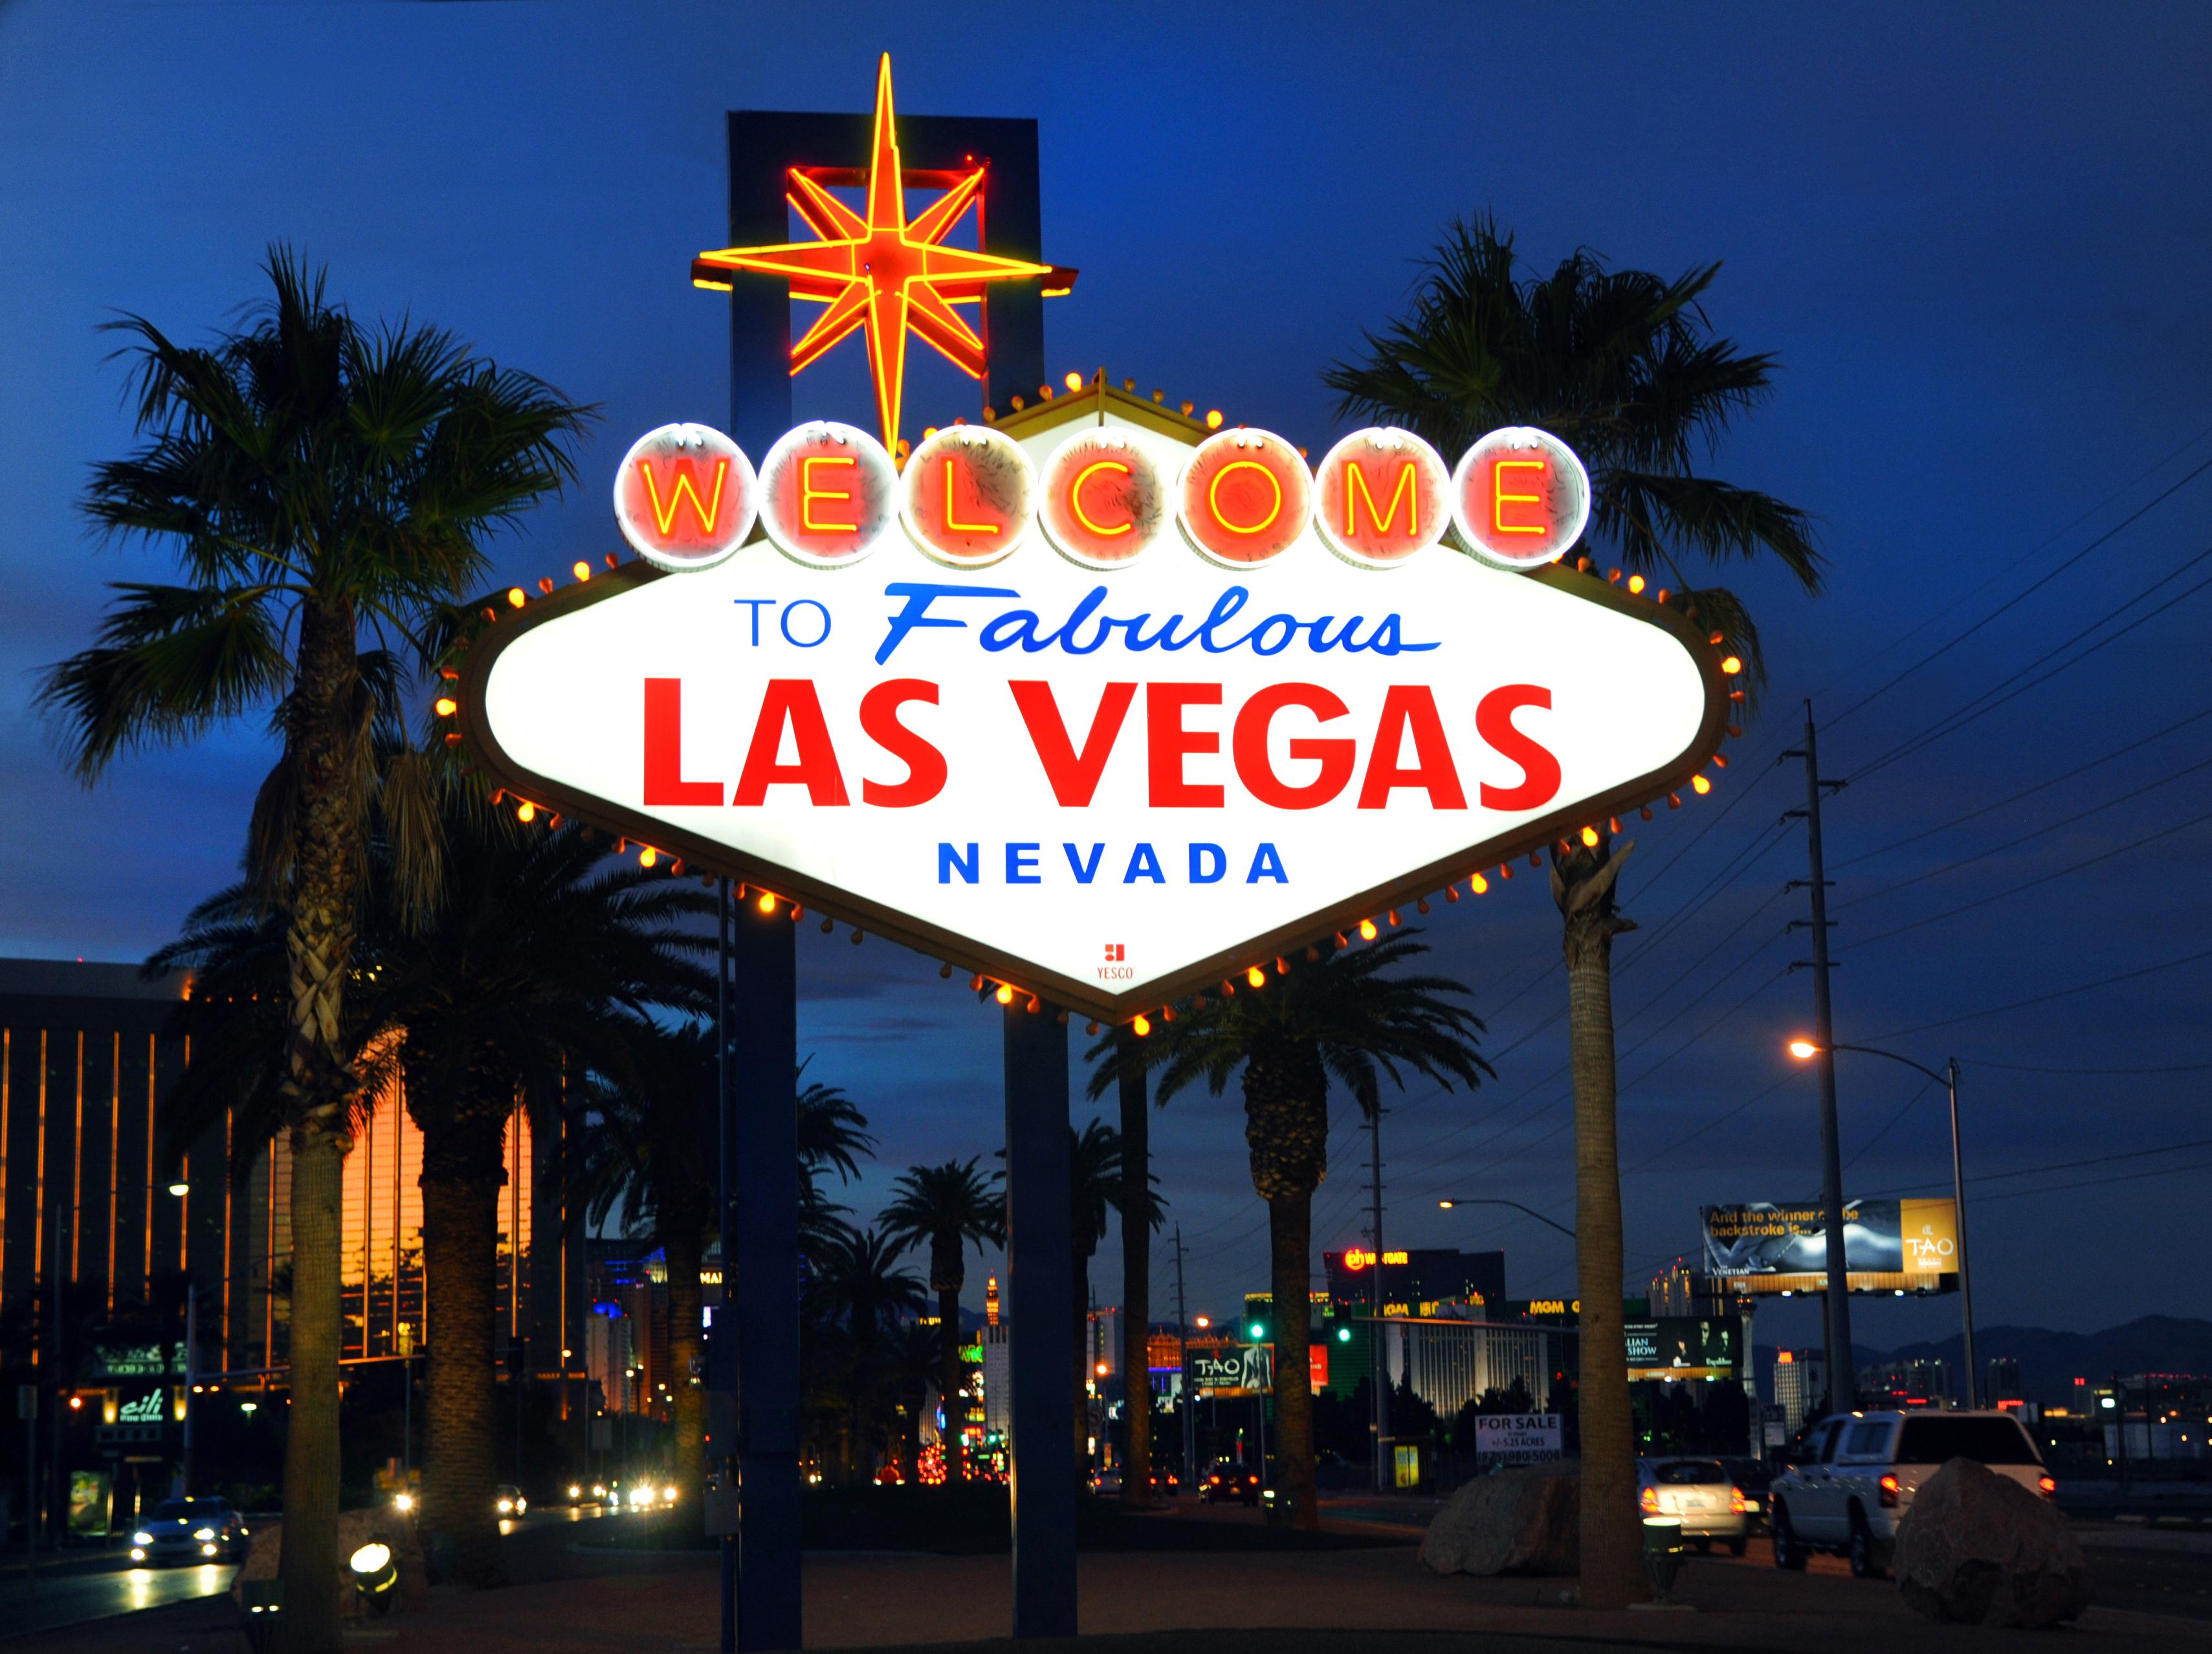 Vivaaerobus: vuelo redondo DF a Las Vegas desde $2,932 incluye vacaciones